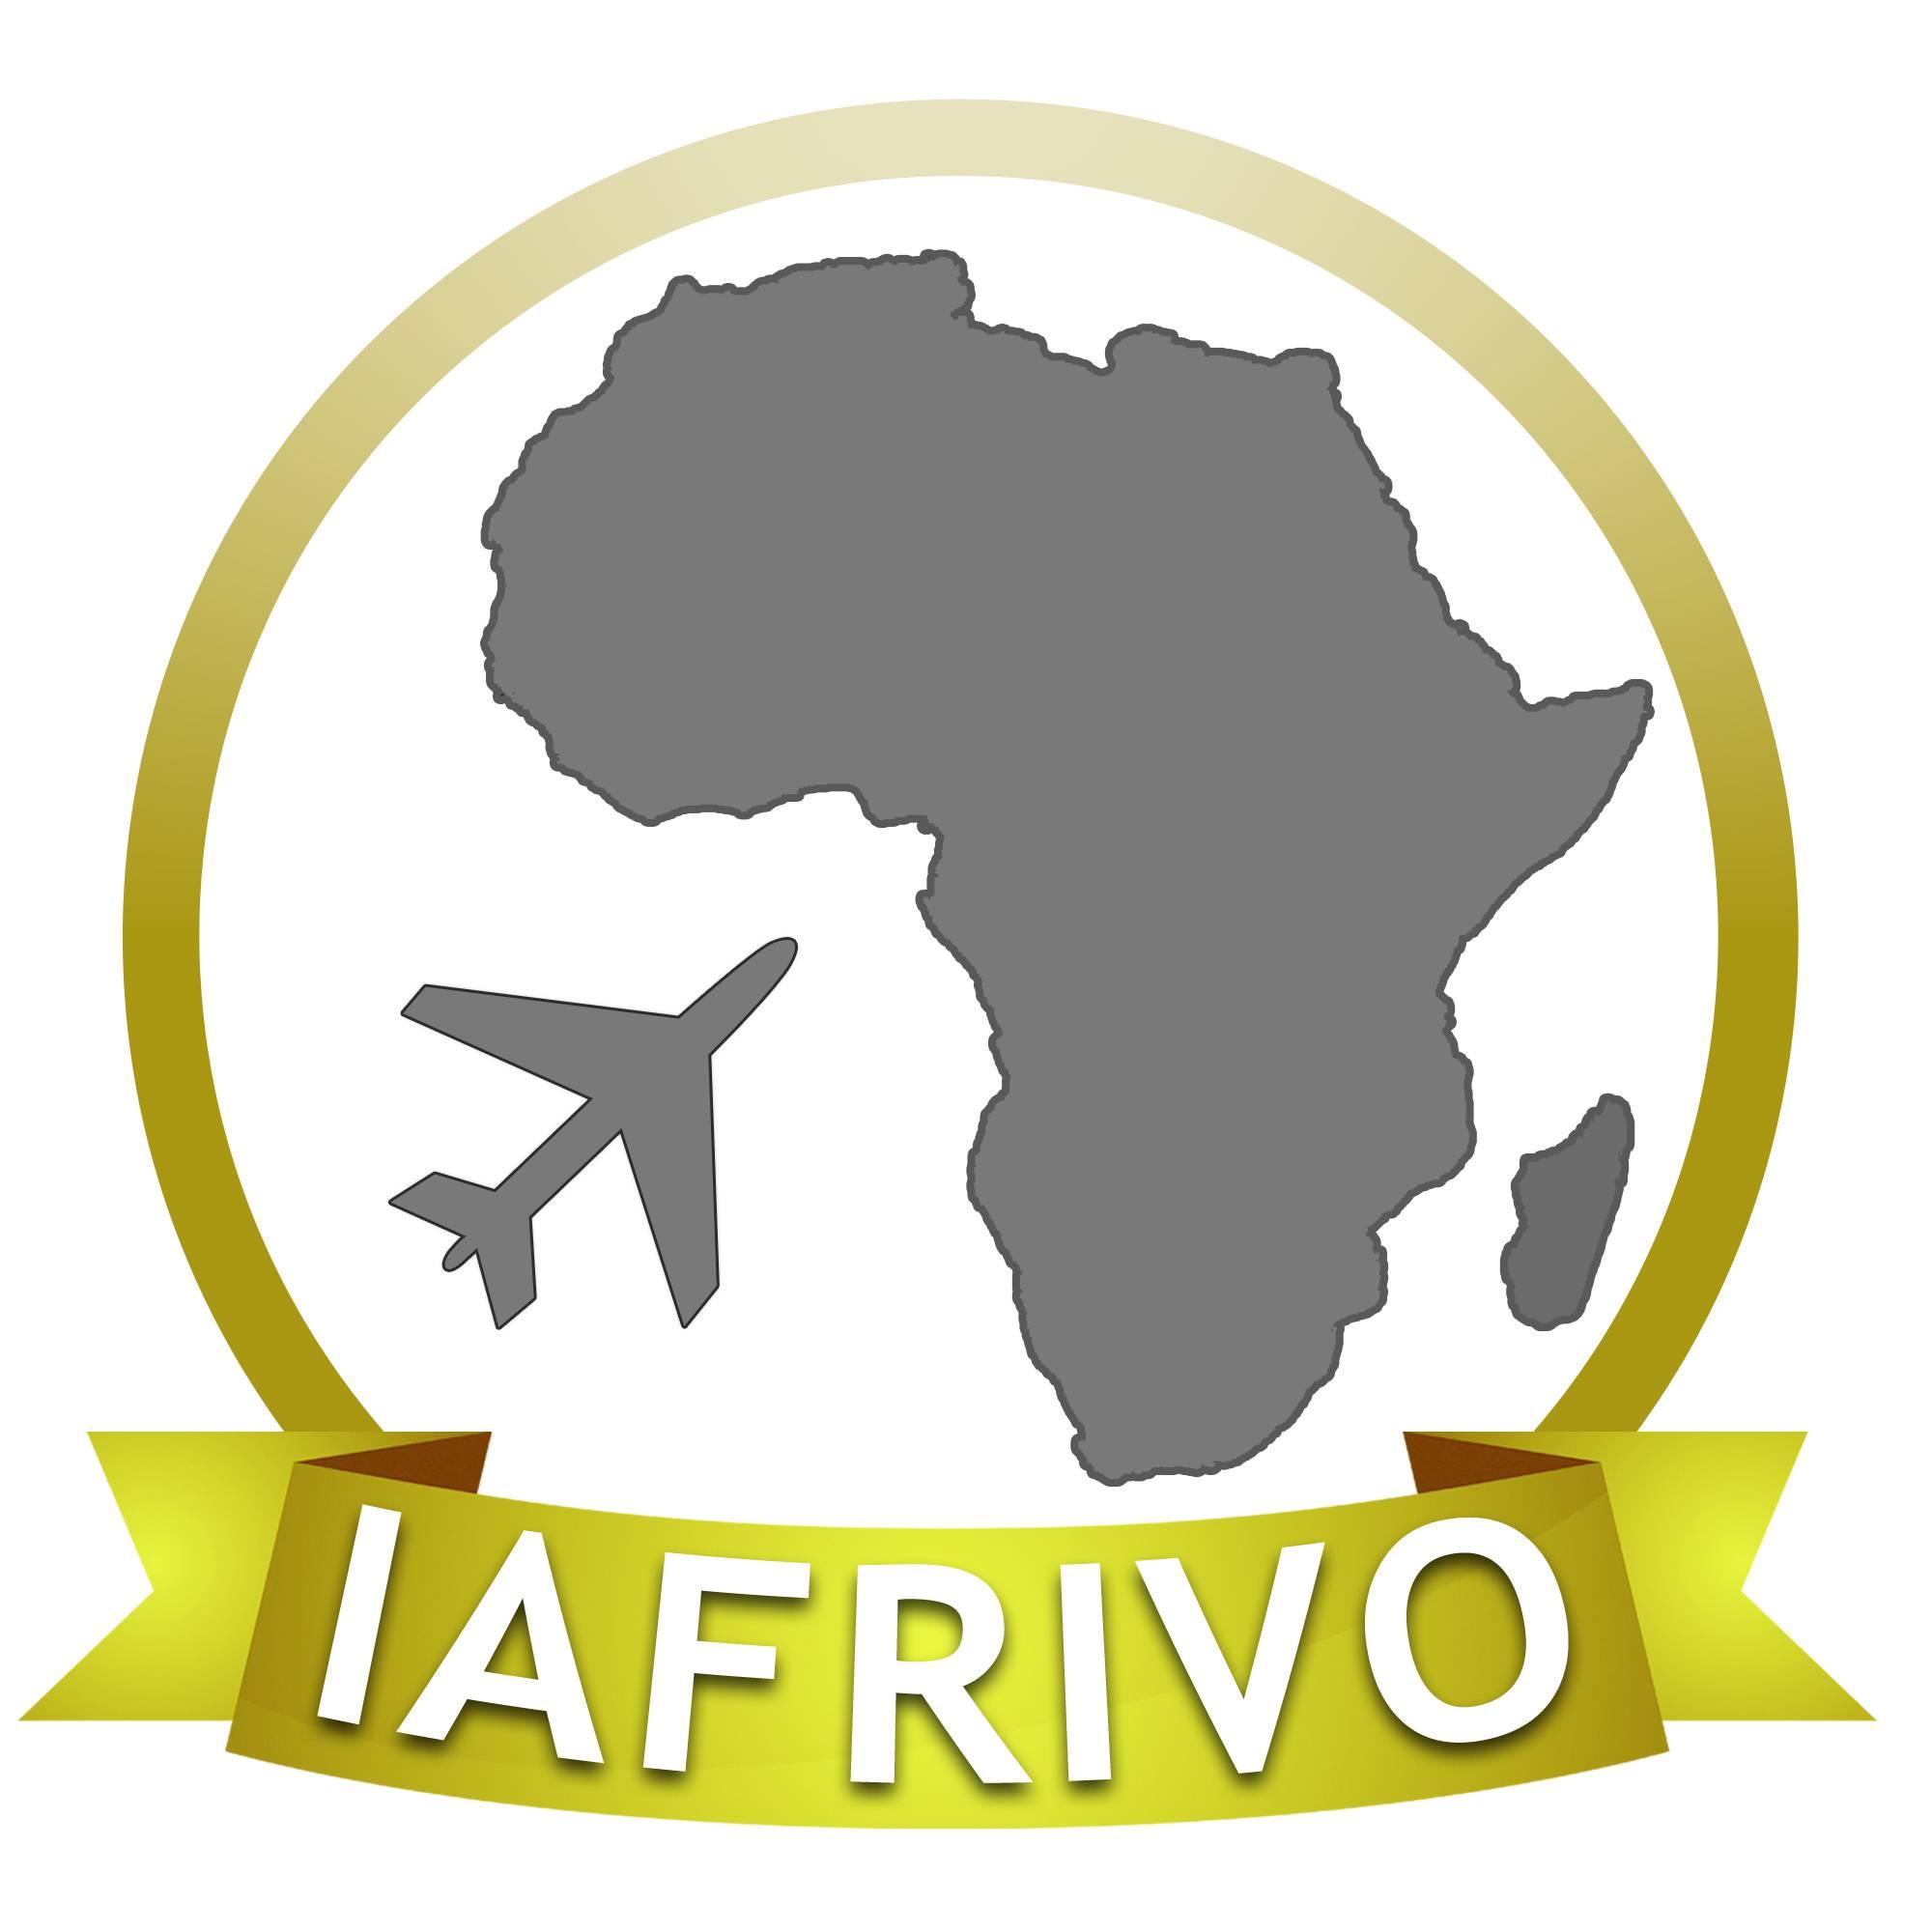 Logo of INSIDE AFRICA VOLUNTEER (IAFRIVO)